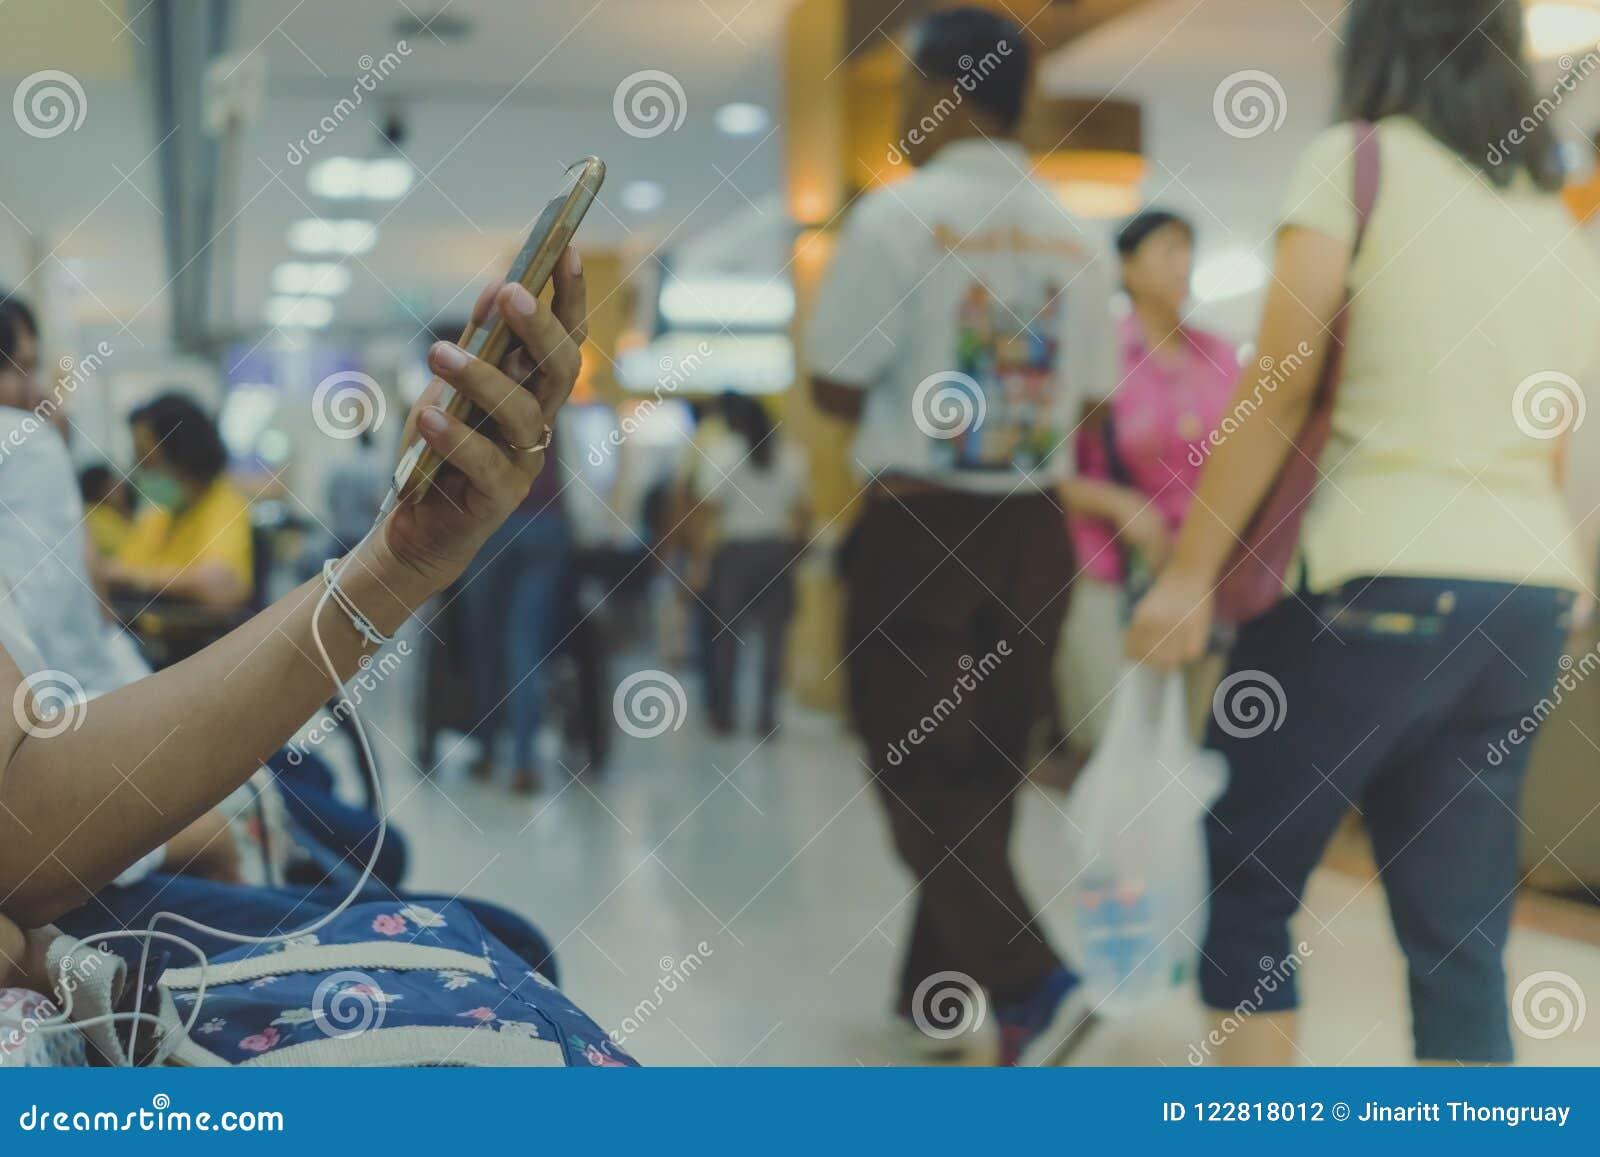 Många väntar patienten på doktorer och sjuksköterskor